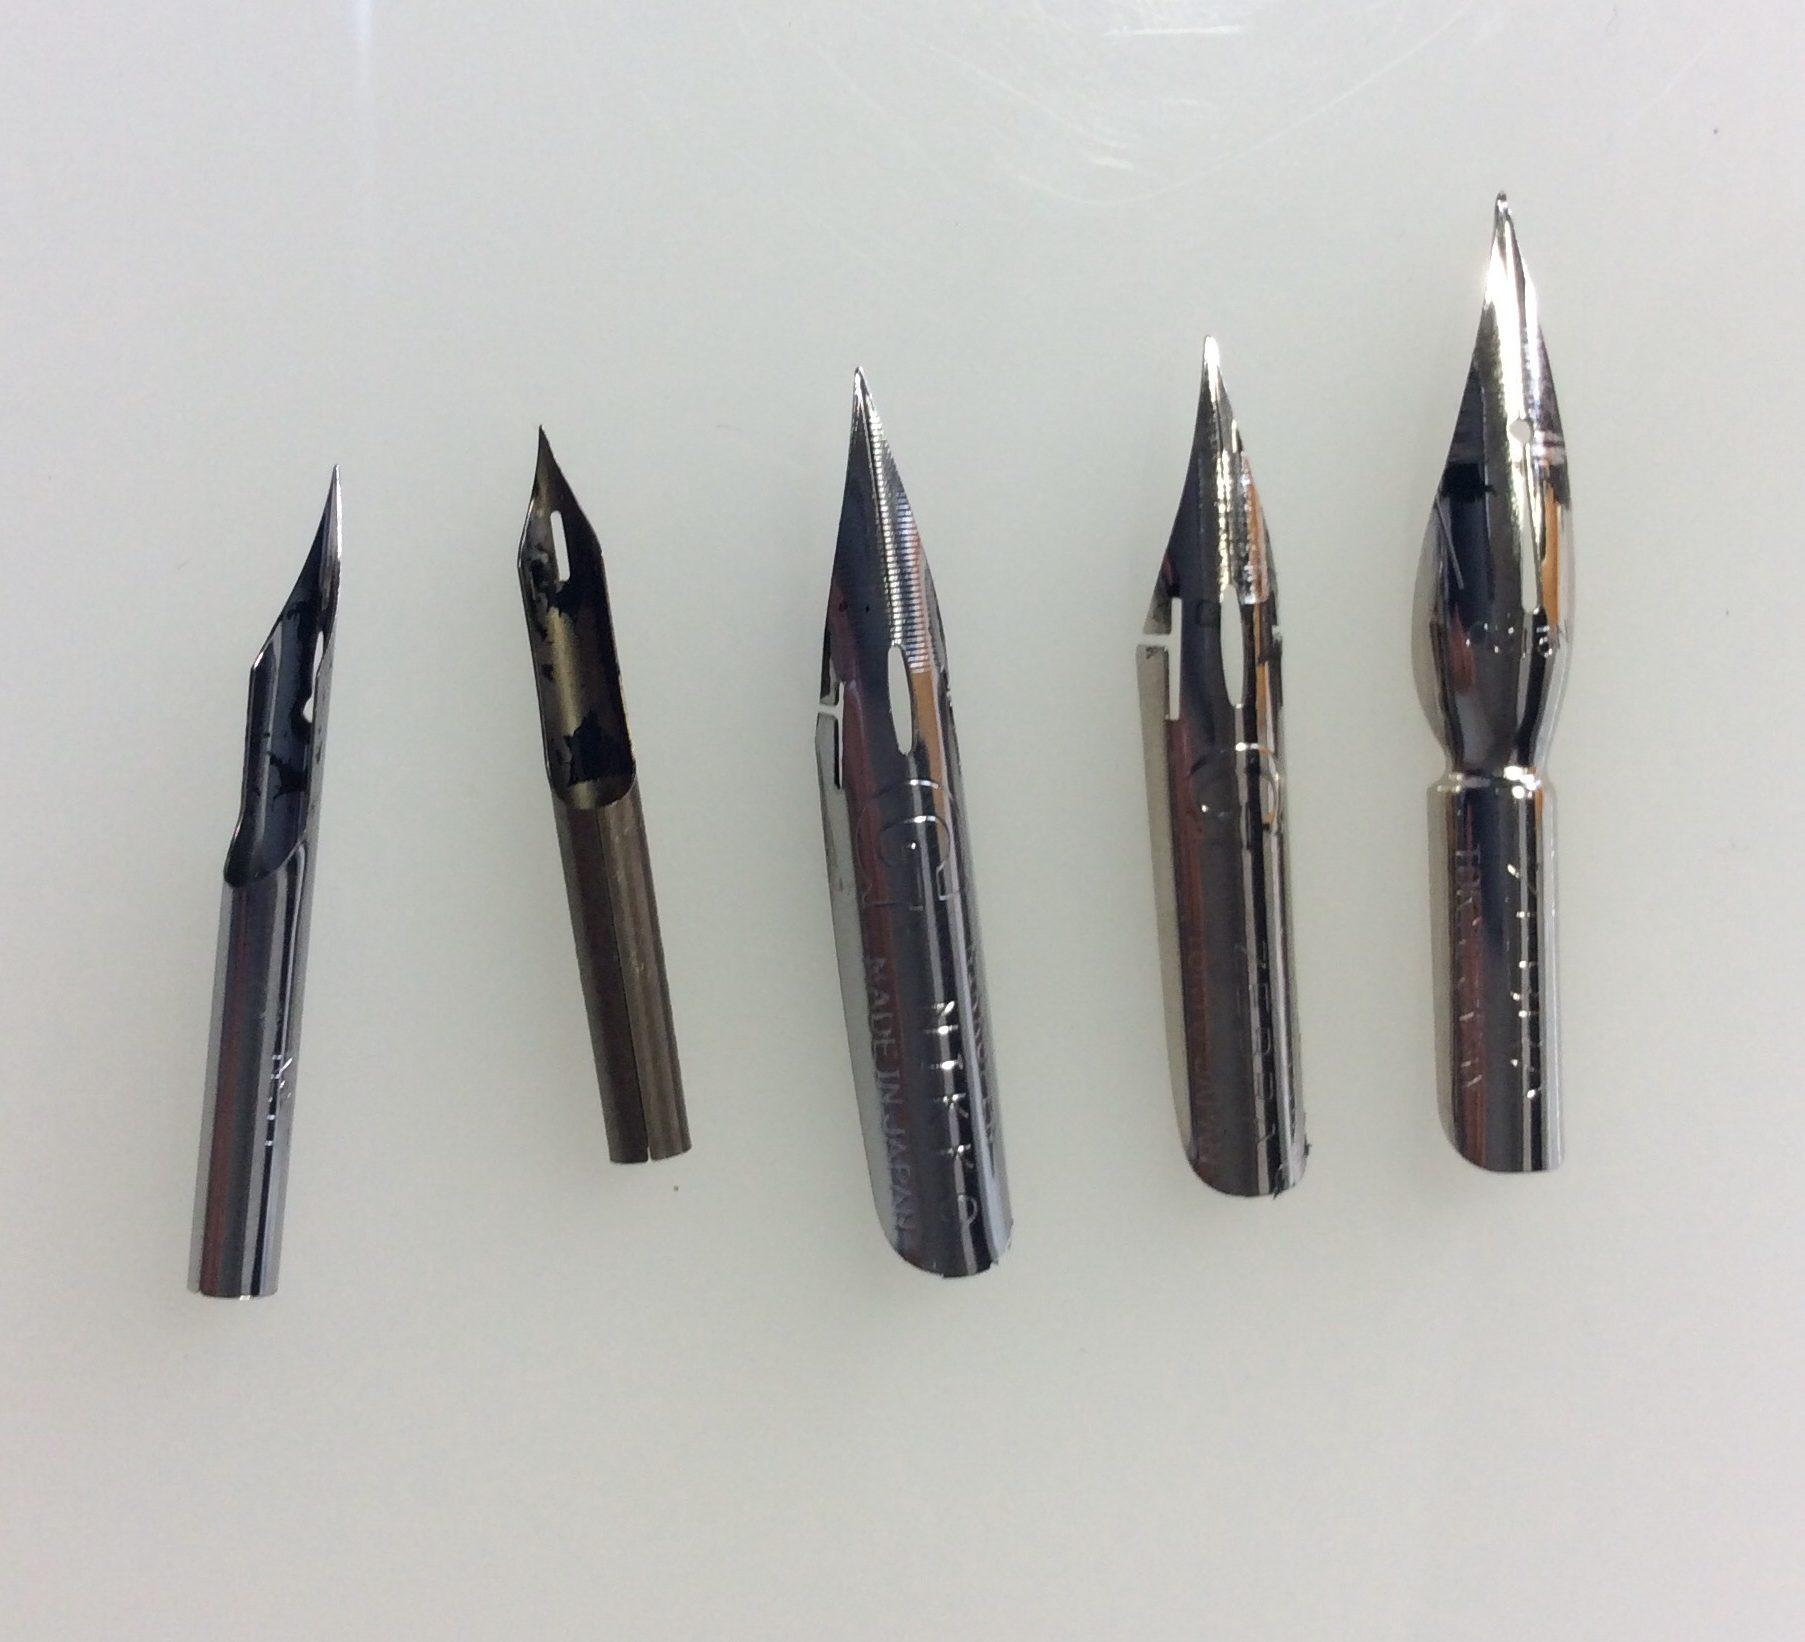 第3回 漫画の道具紹介【つけペン・筆ペン】比較してみよー!